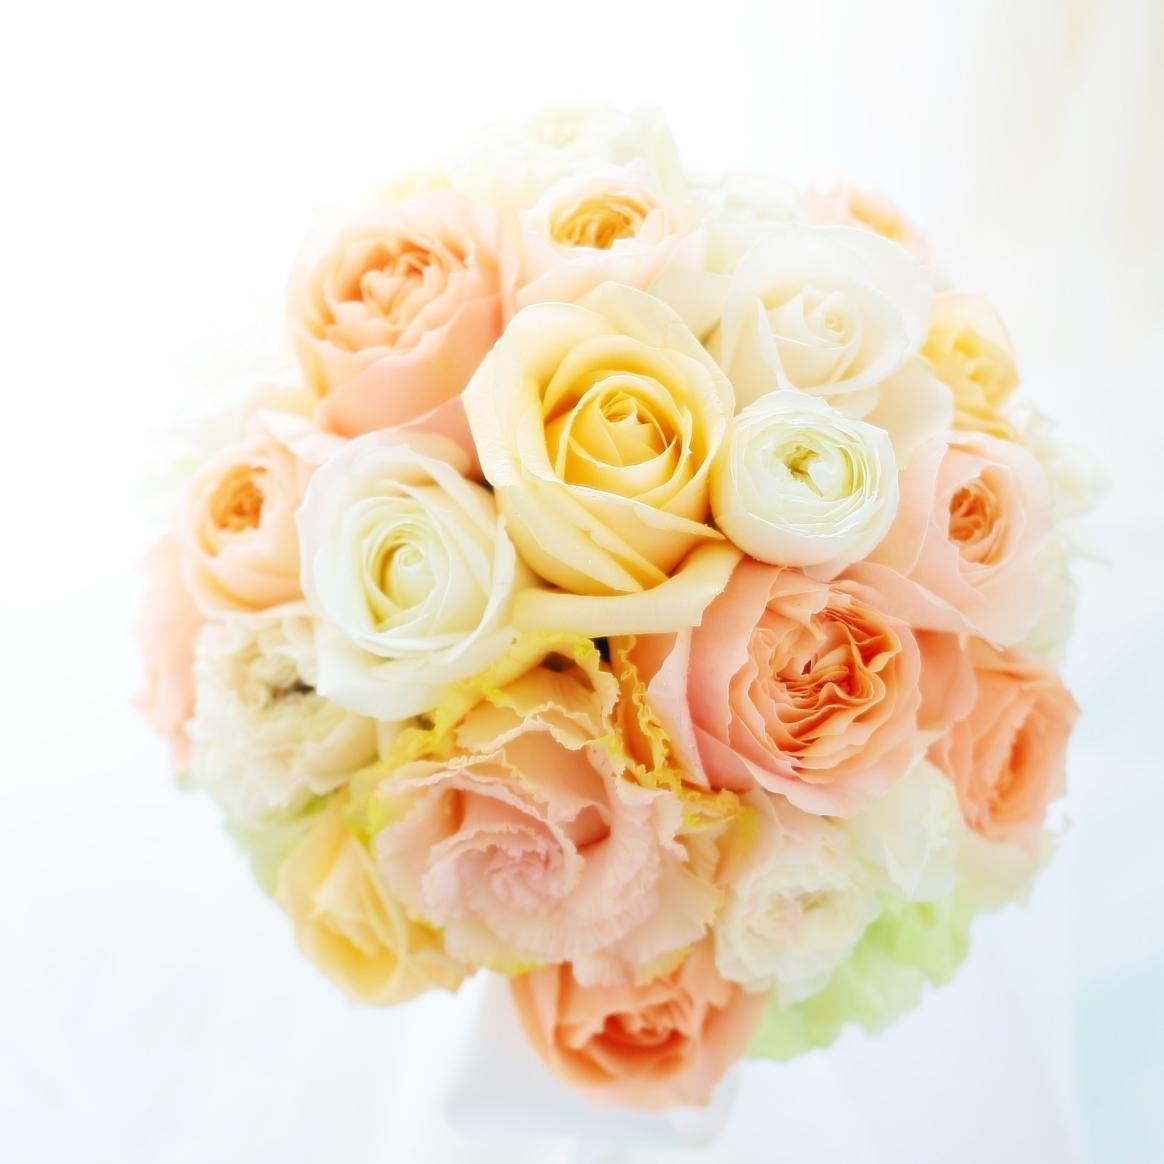 ラウンドブーケ 如水会館の花嫁様へ 最高の1日に アプリコットオレンジの、透明感のあるバラで_a0042928_11244143.jpg